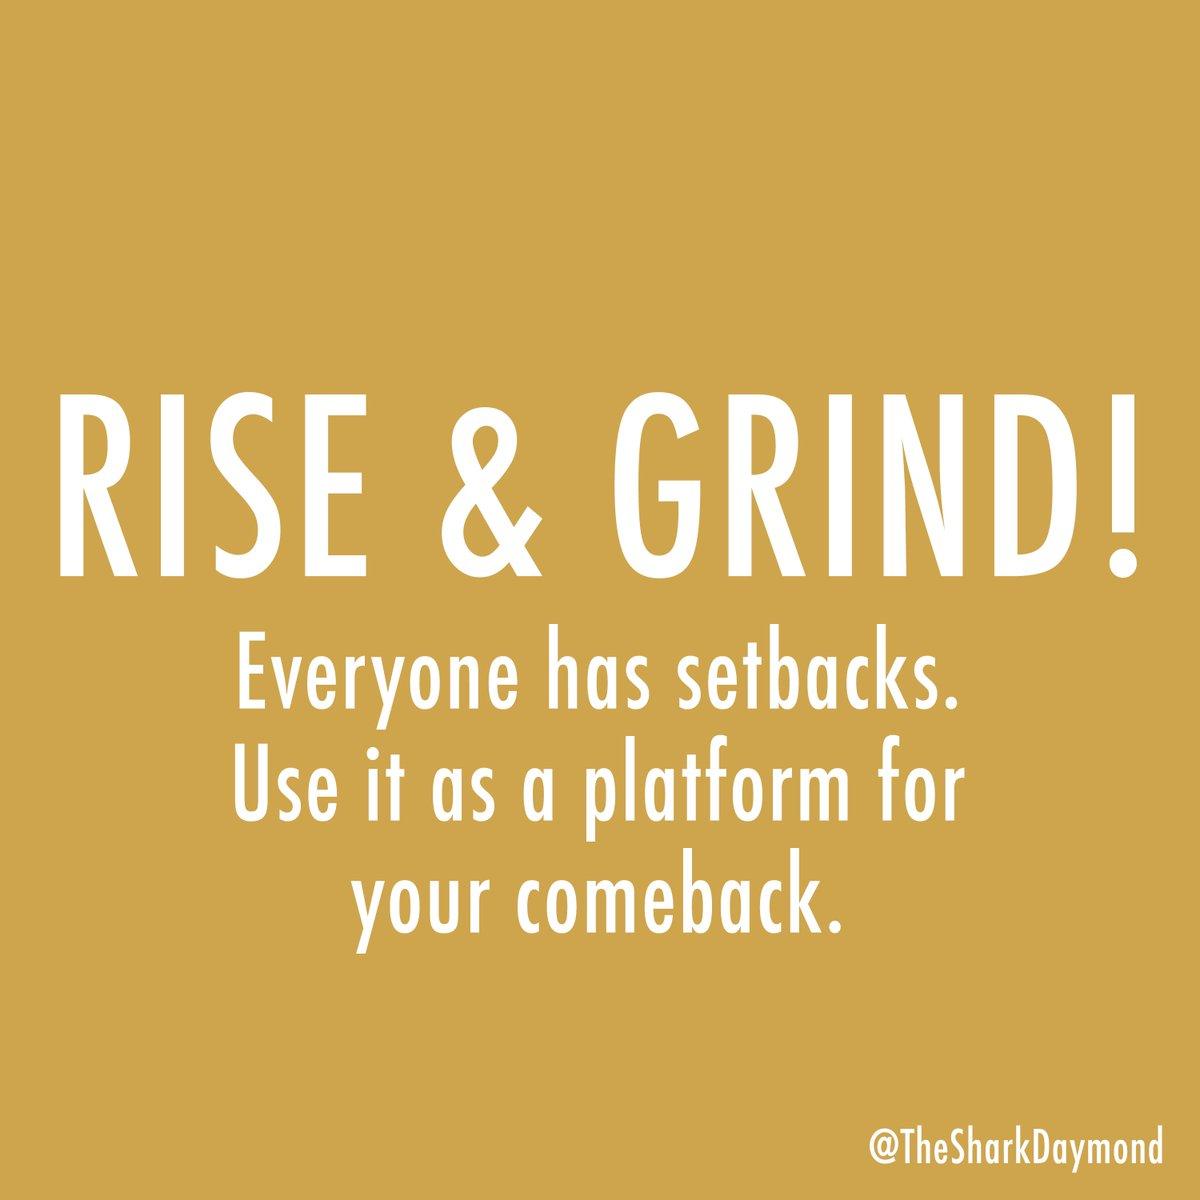 Stop making excuses. #RiseAndGrind